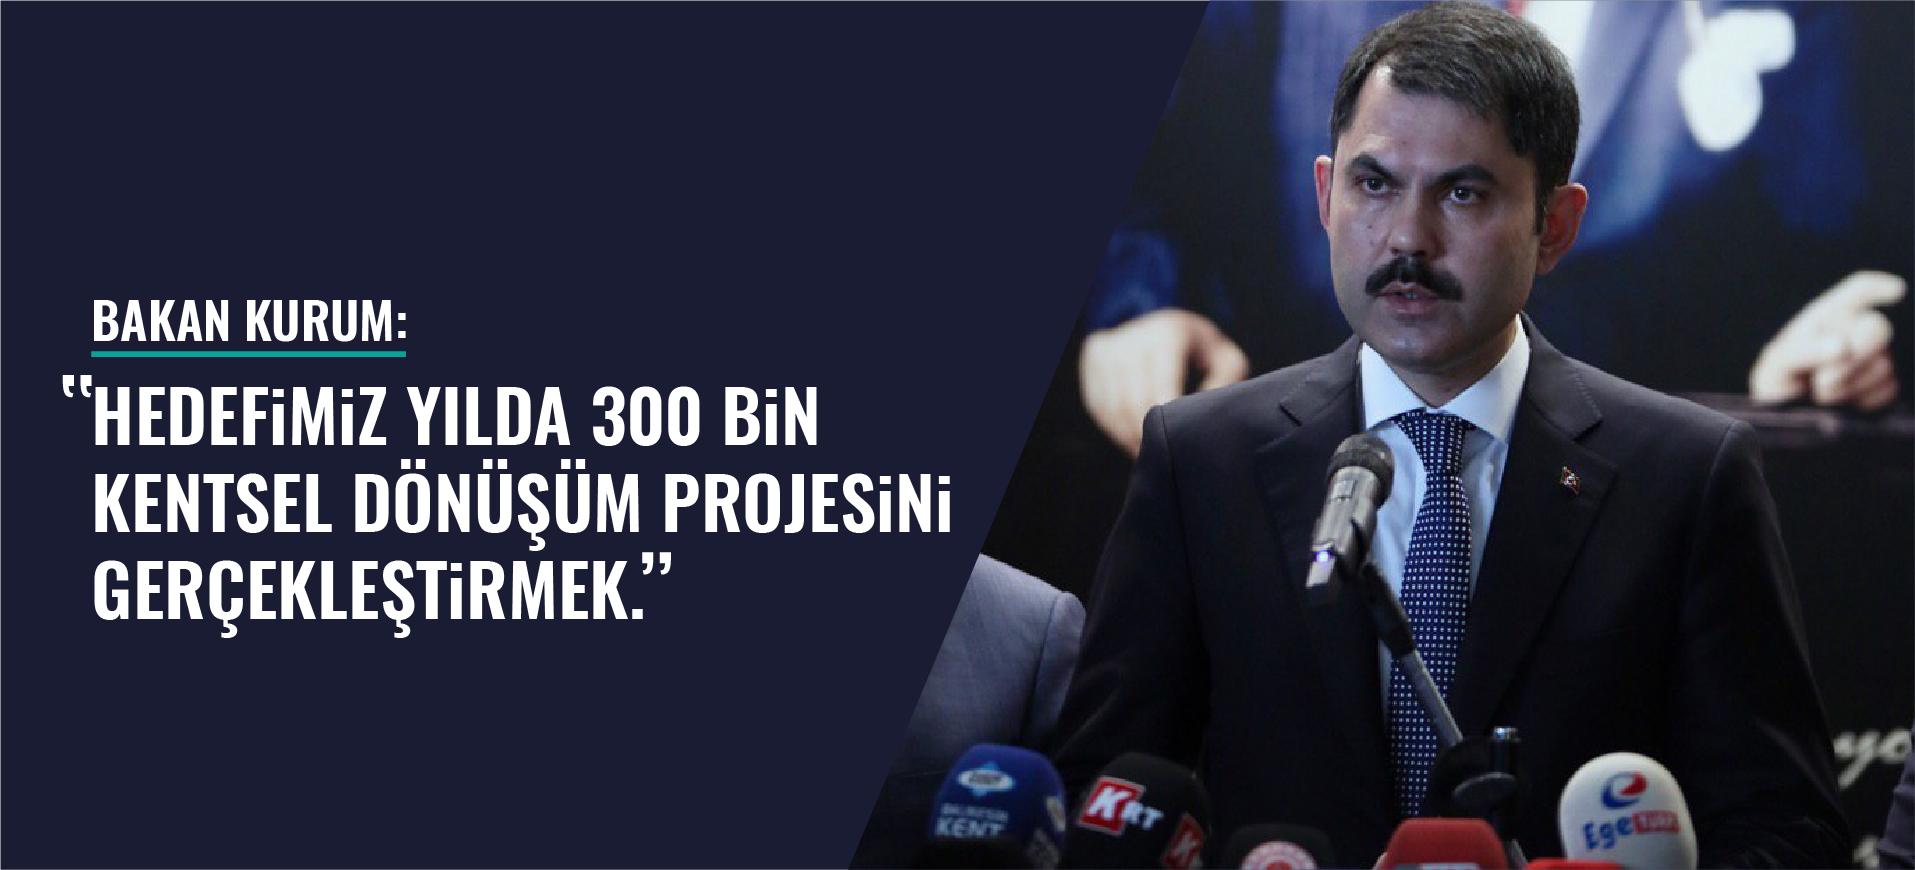 """BAKAN KURUM: """"HEDEFİMİZ YILDA 300 BİN KENTSEL DÖNÜŞÜM PROJESİNİ GERÇEKLEŞTİRMEK"""""""